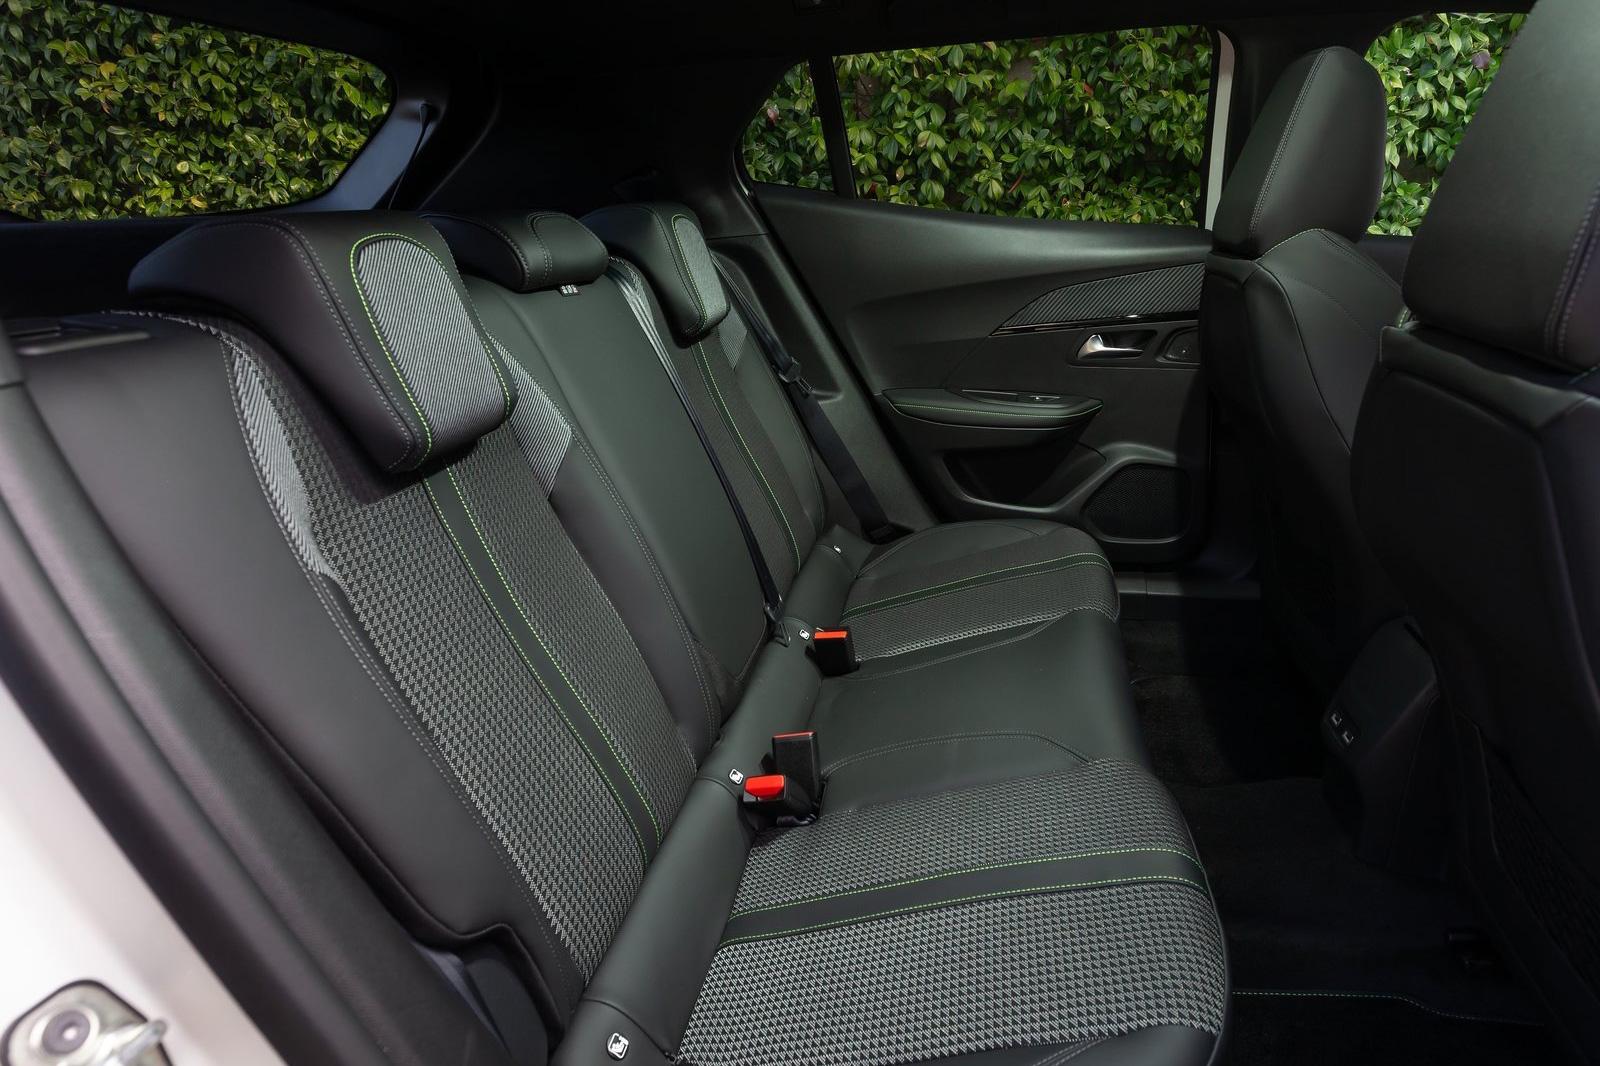 Peugeot-2008-ap test